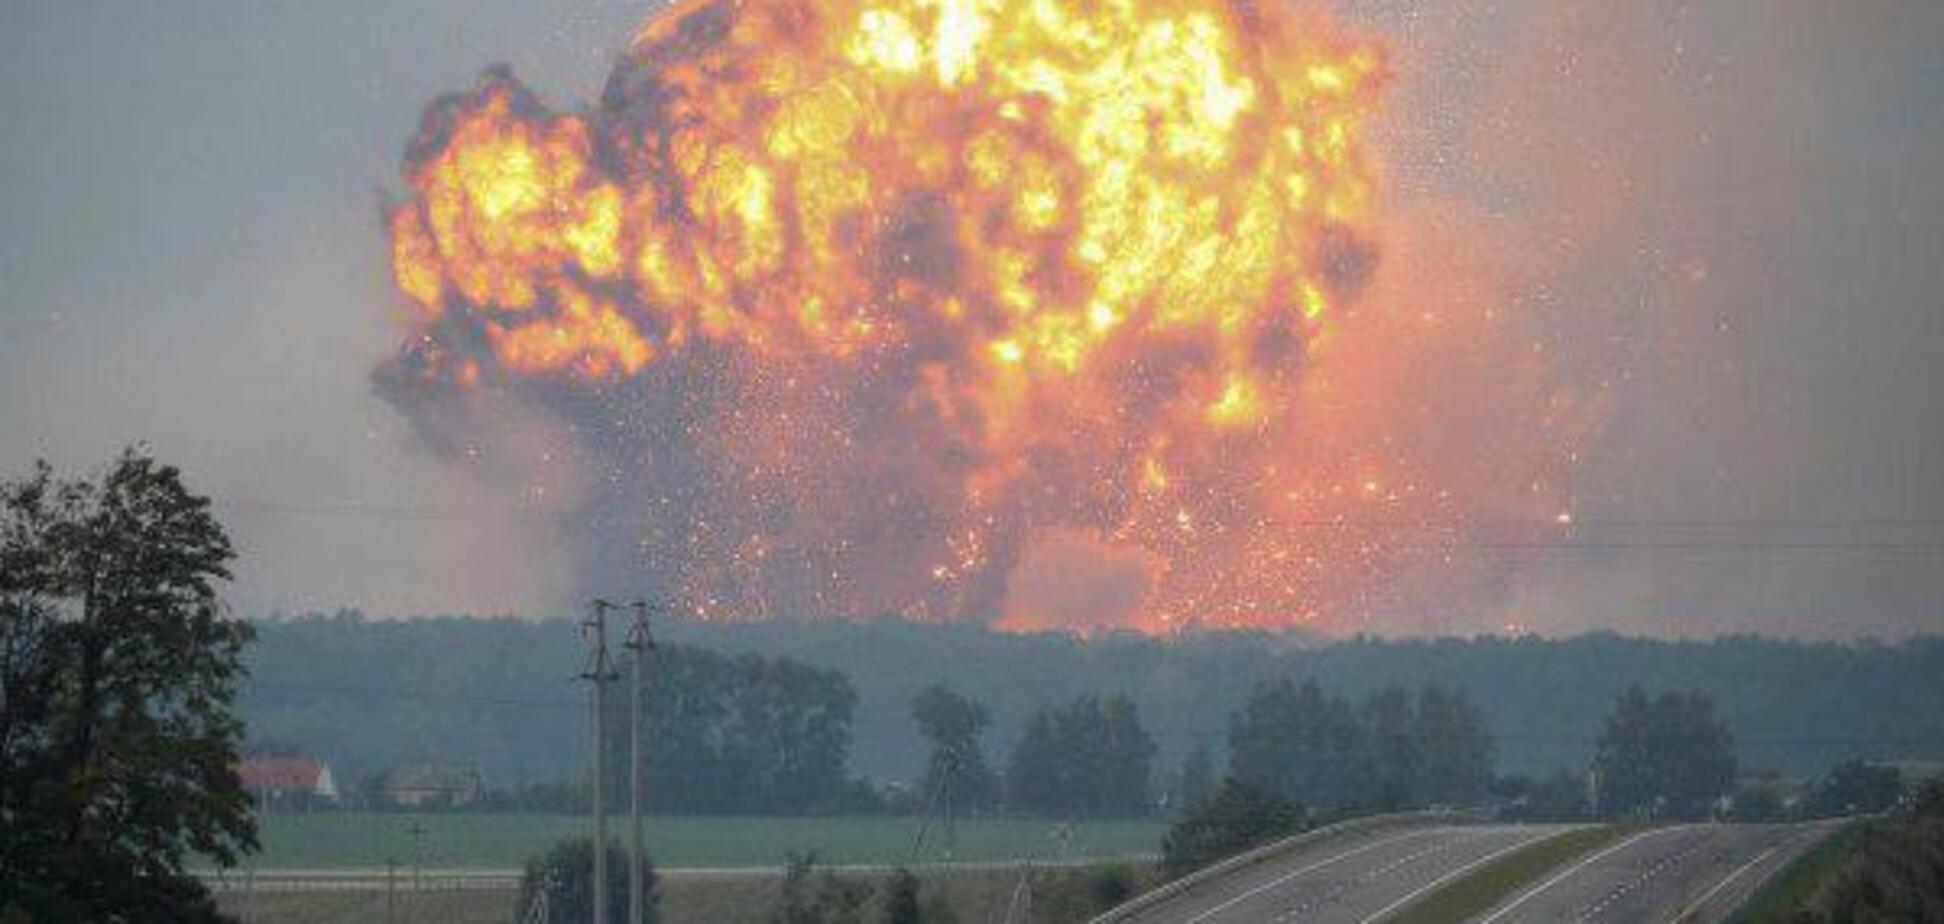 Были космические аппараты: Муженко раскрыл новые детали по взрывам в Калиновке